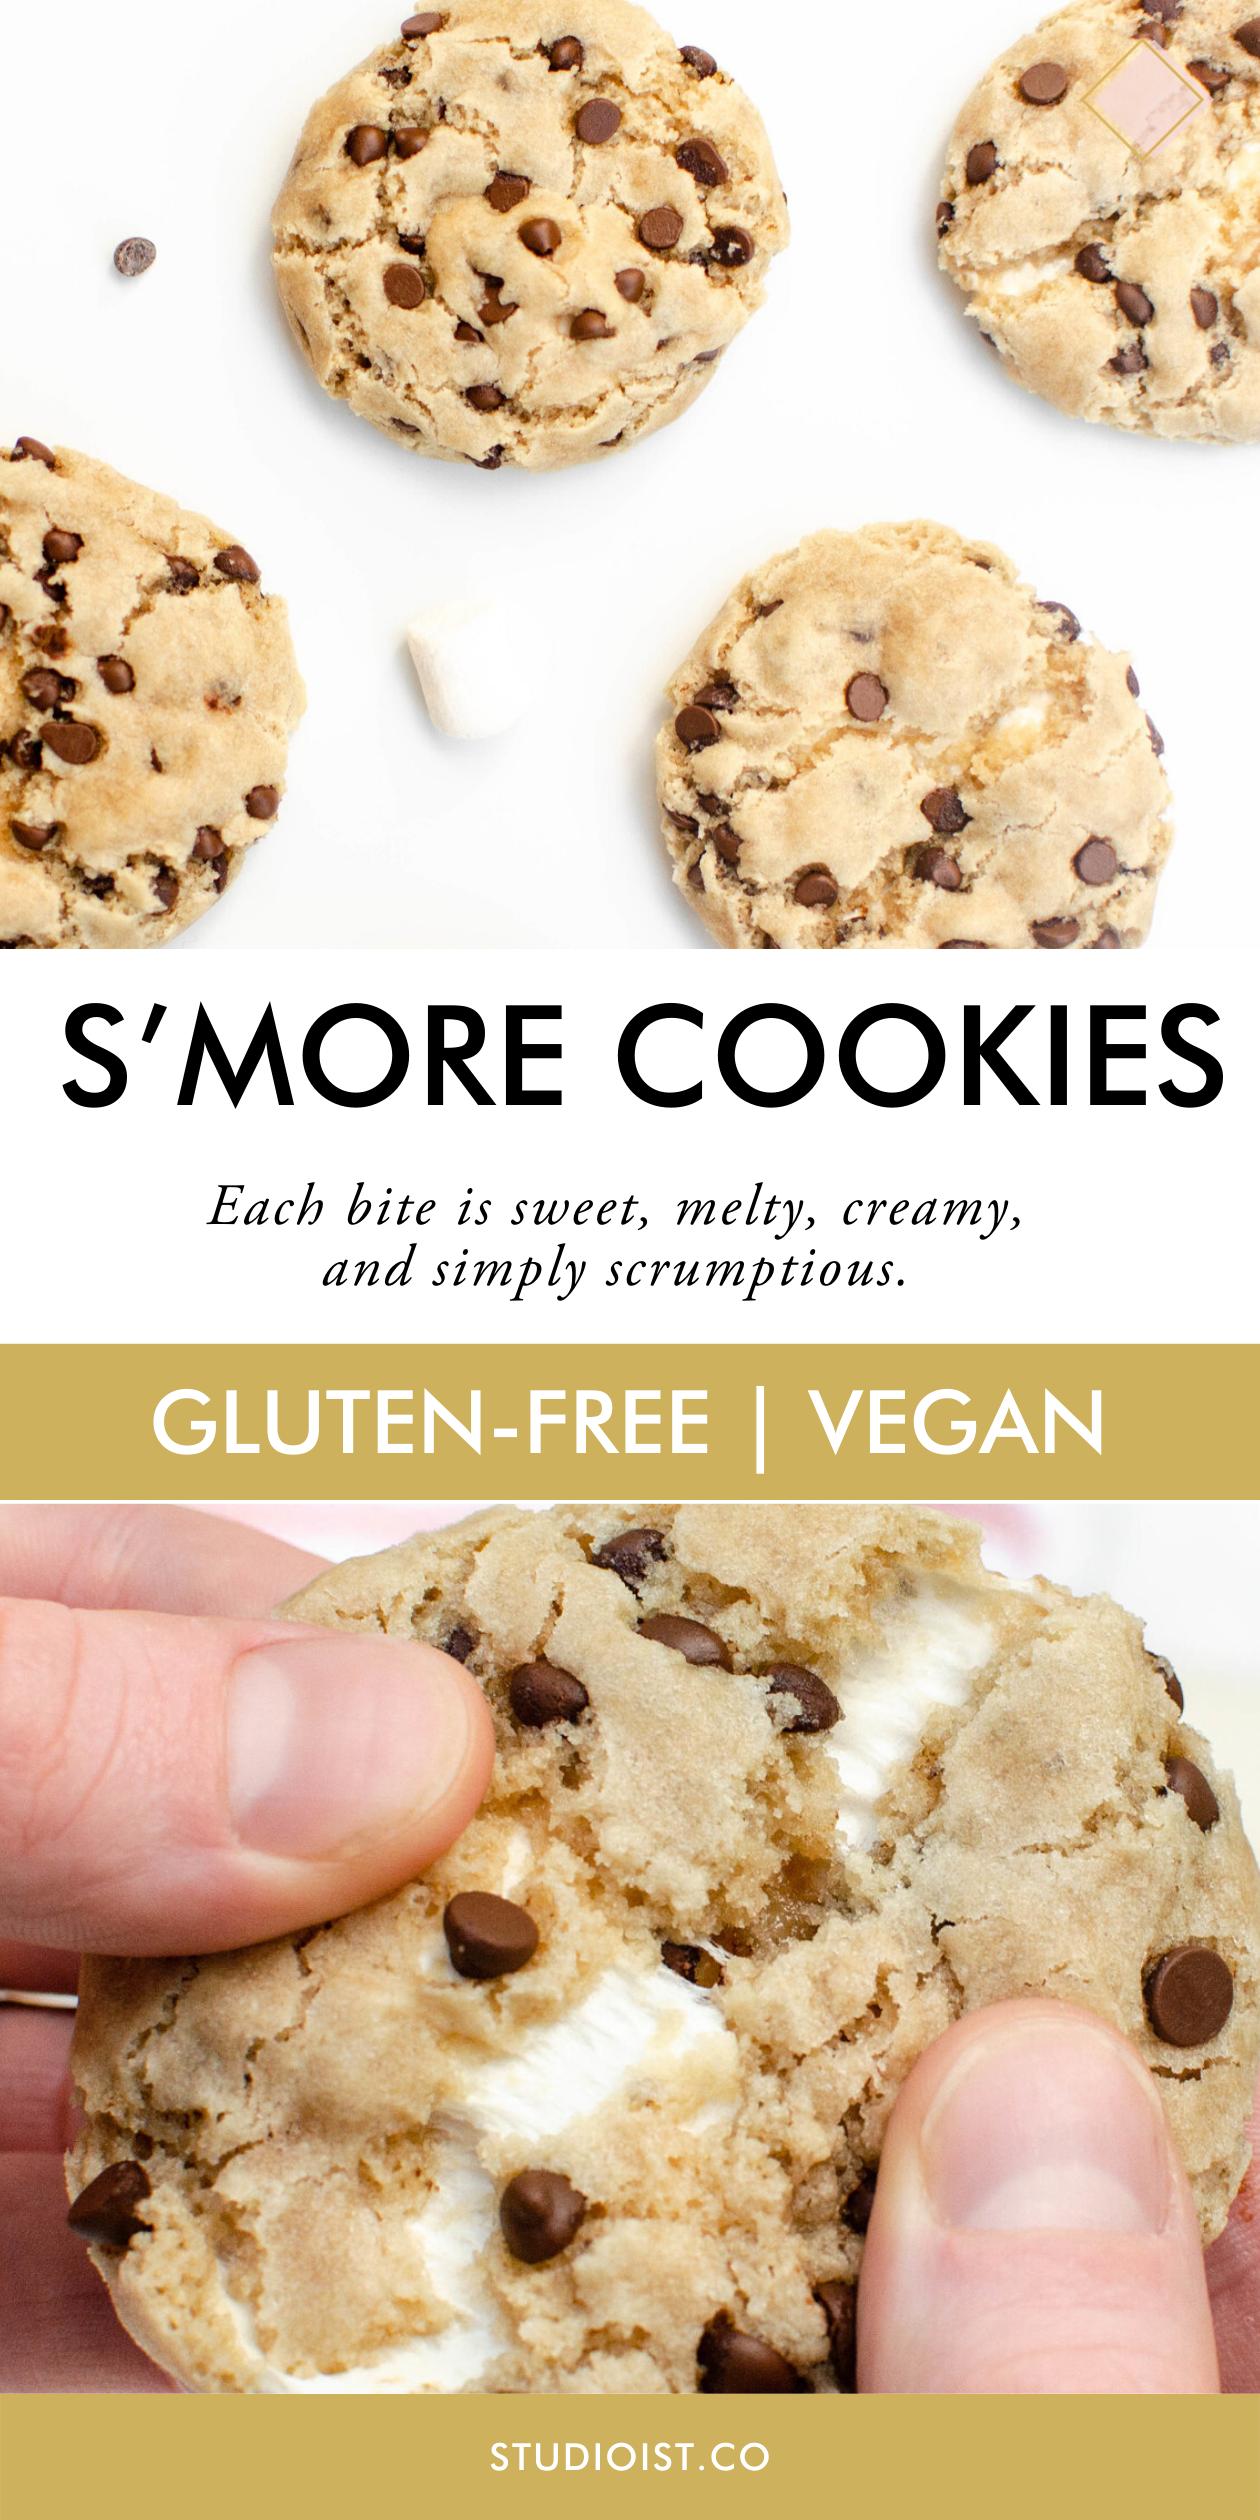 Gluten Free Vegan S More Cookies Studioist In 2020 Vegan Sweets Vegan Cookies Free Desserts